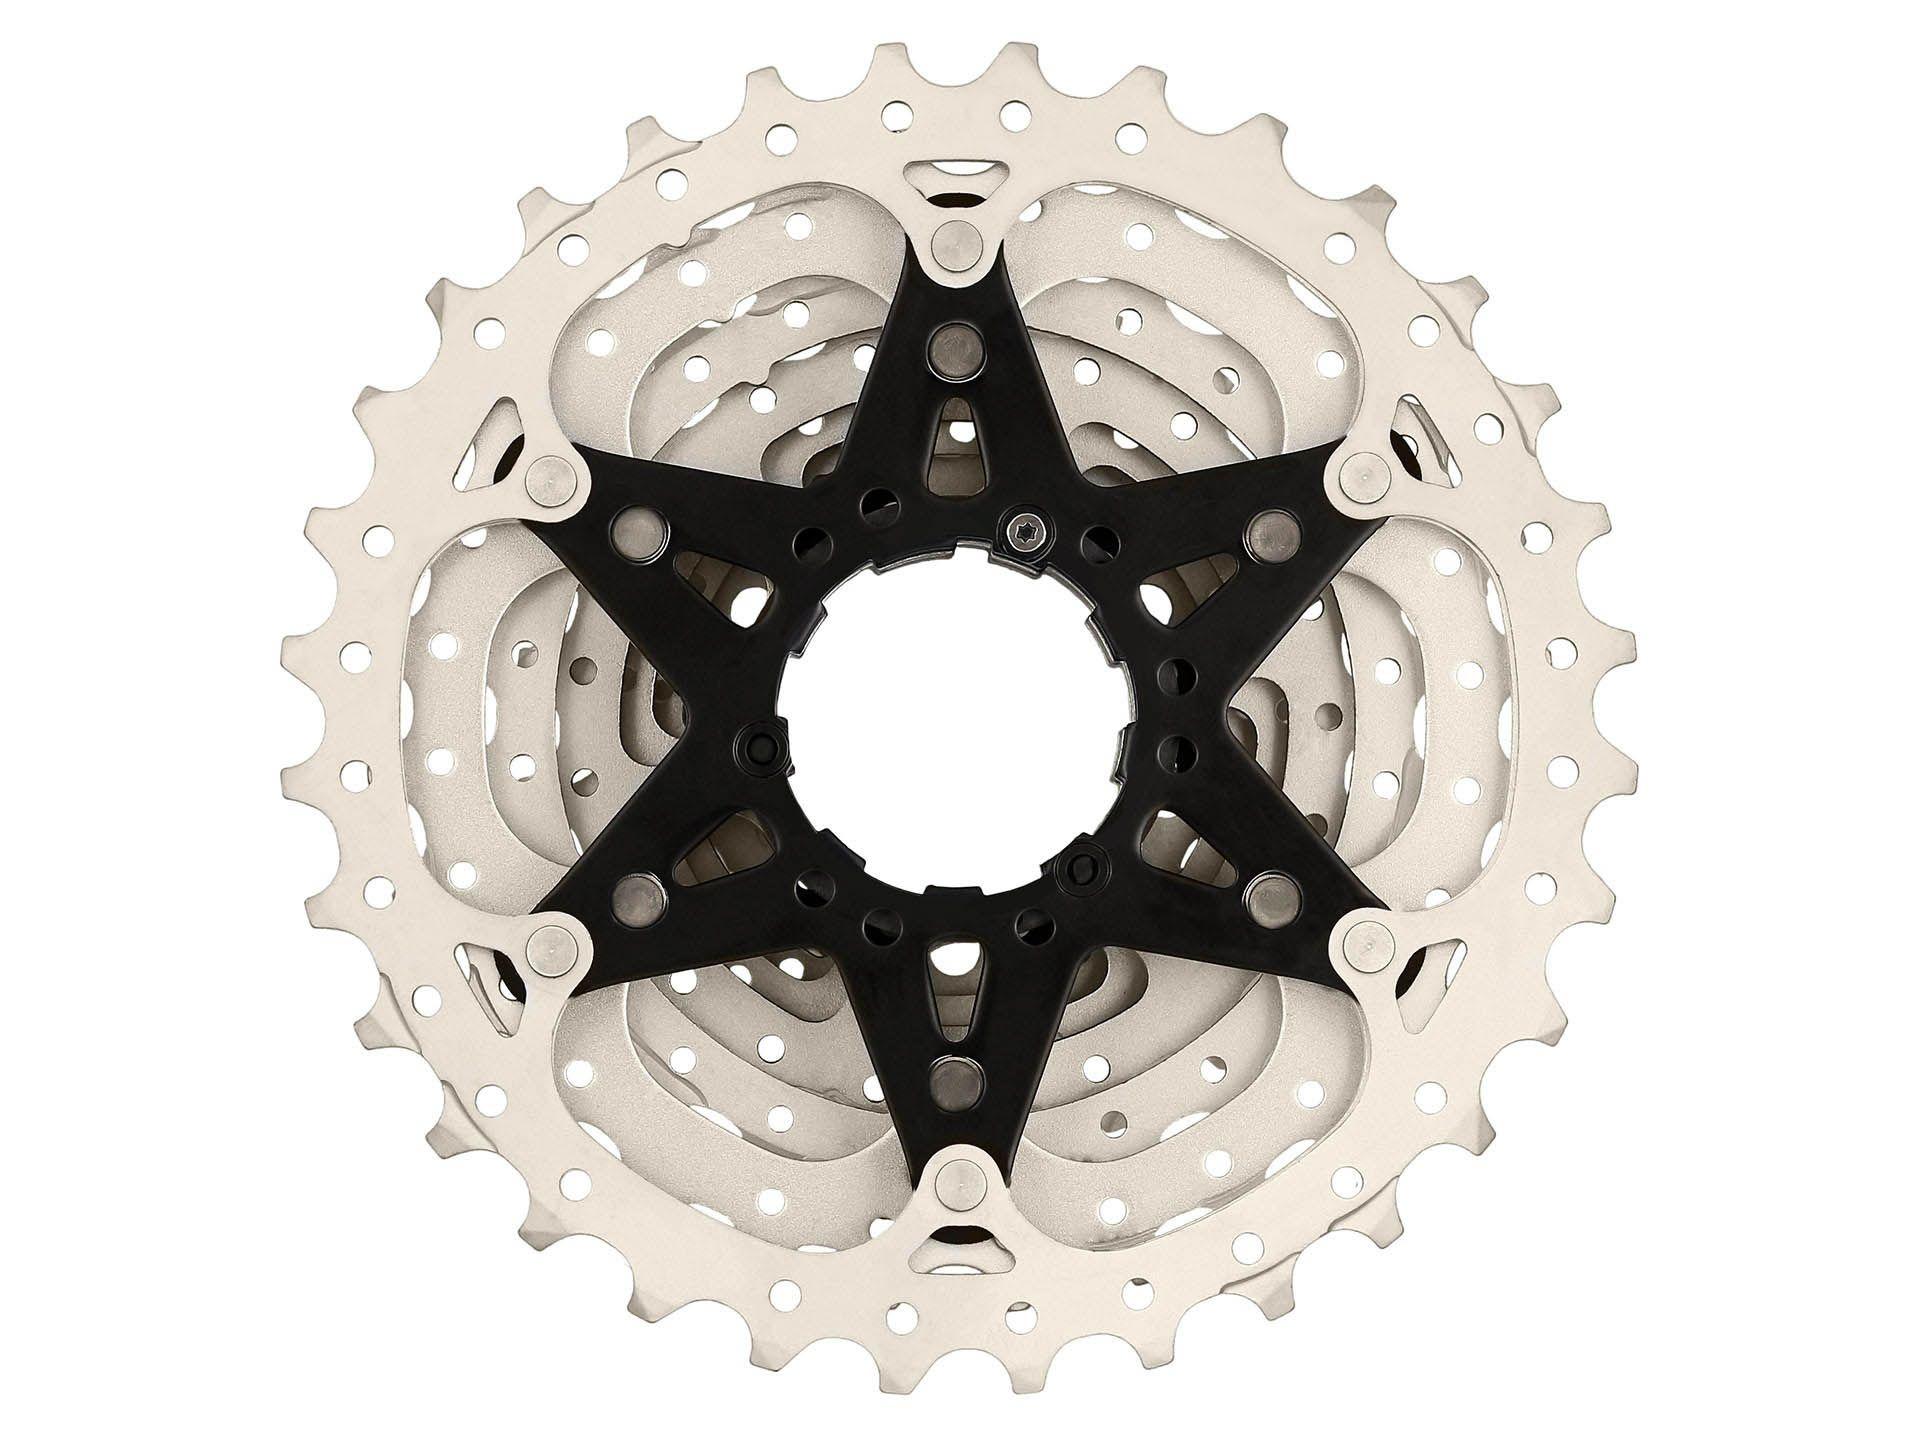 Cassete Bicicleta Speed Sunrace RS1 11-32 10 Velocidades Padrão Shimano